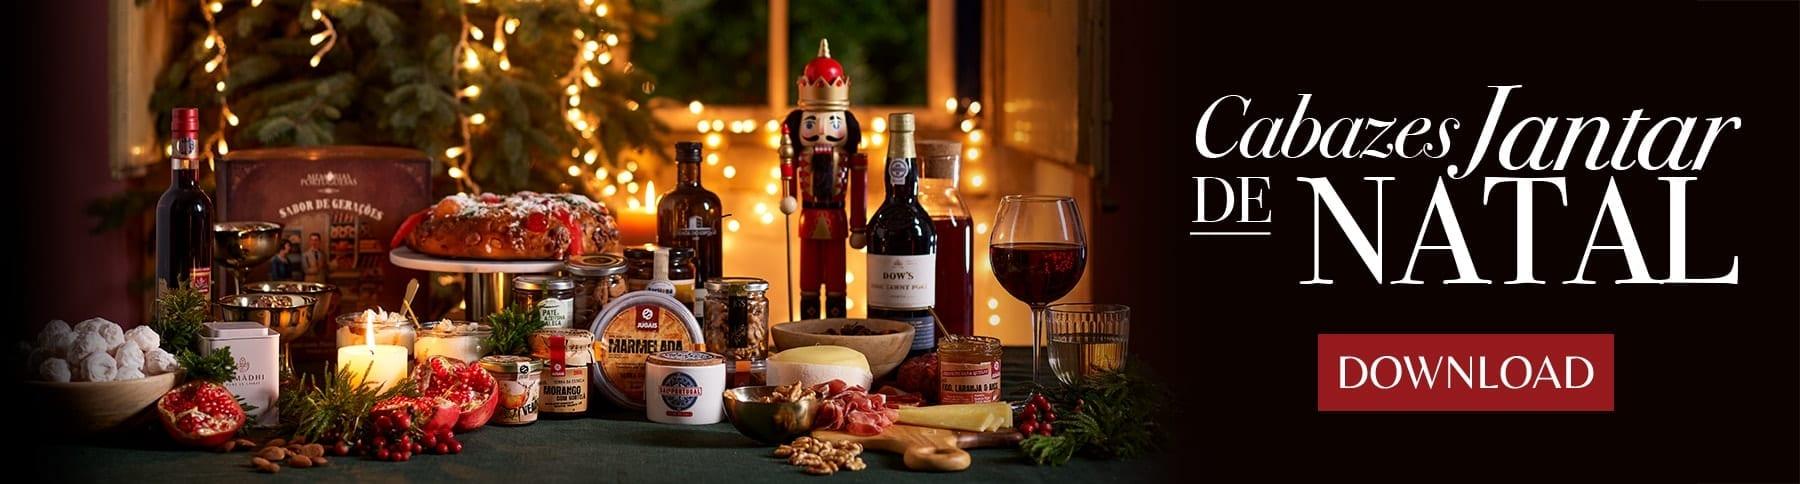 Catálogo Cabazes Jantar de Natal